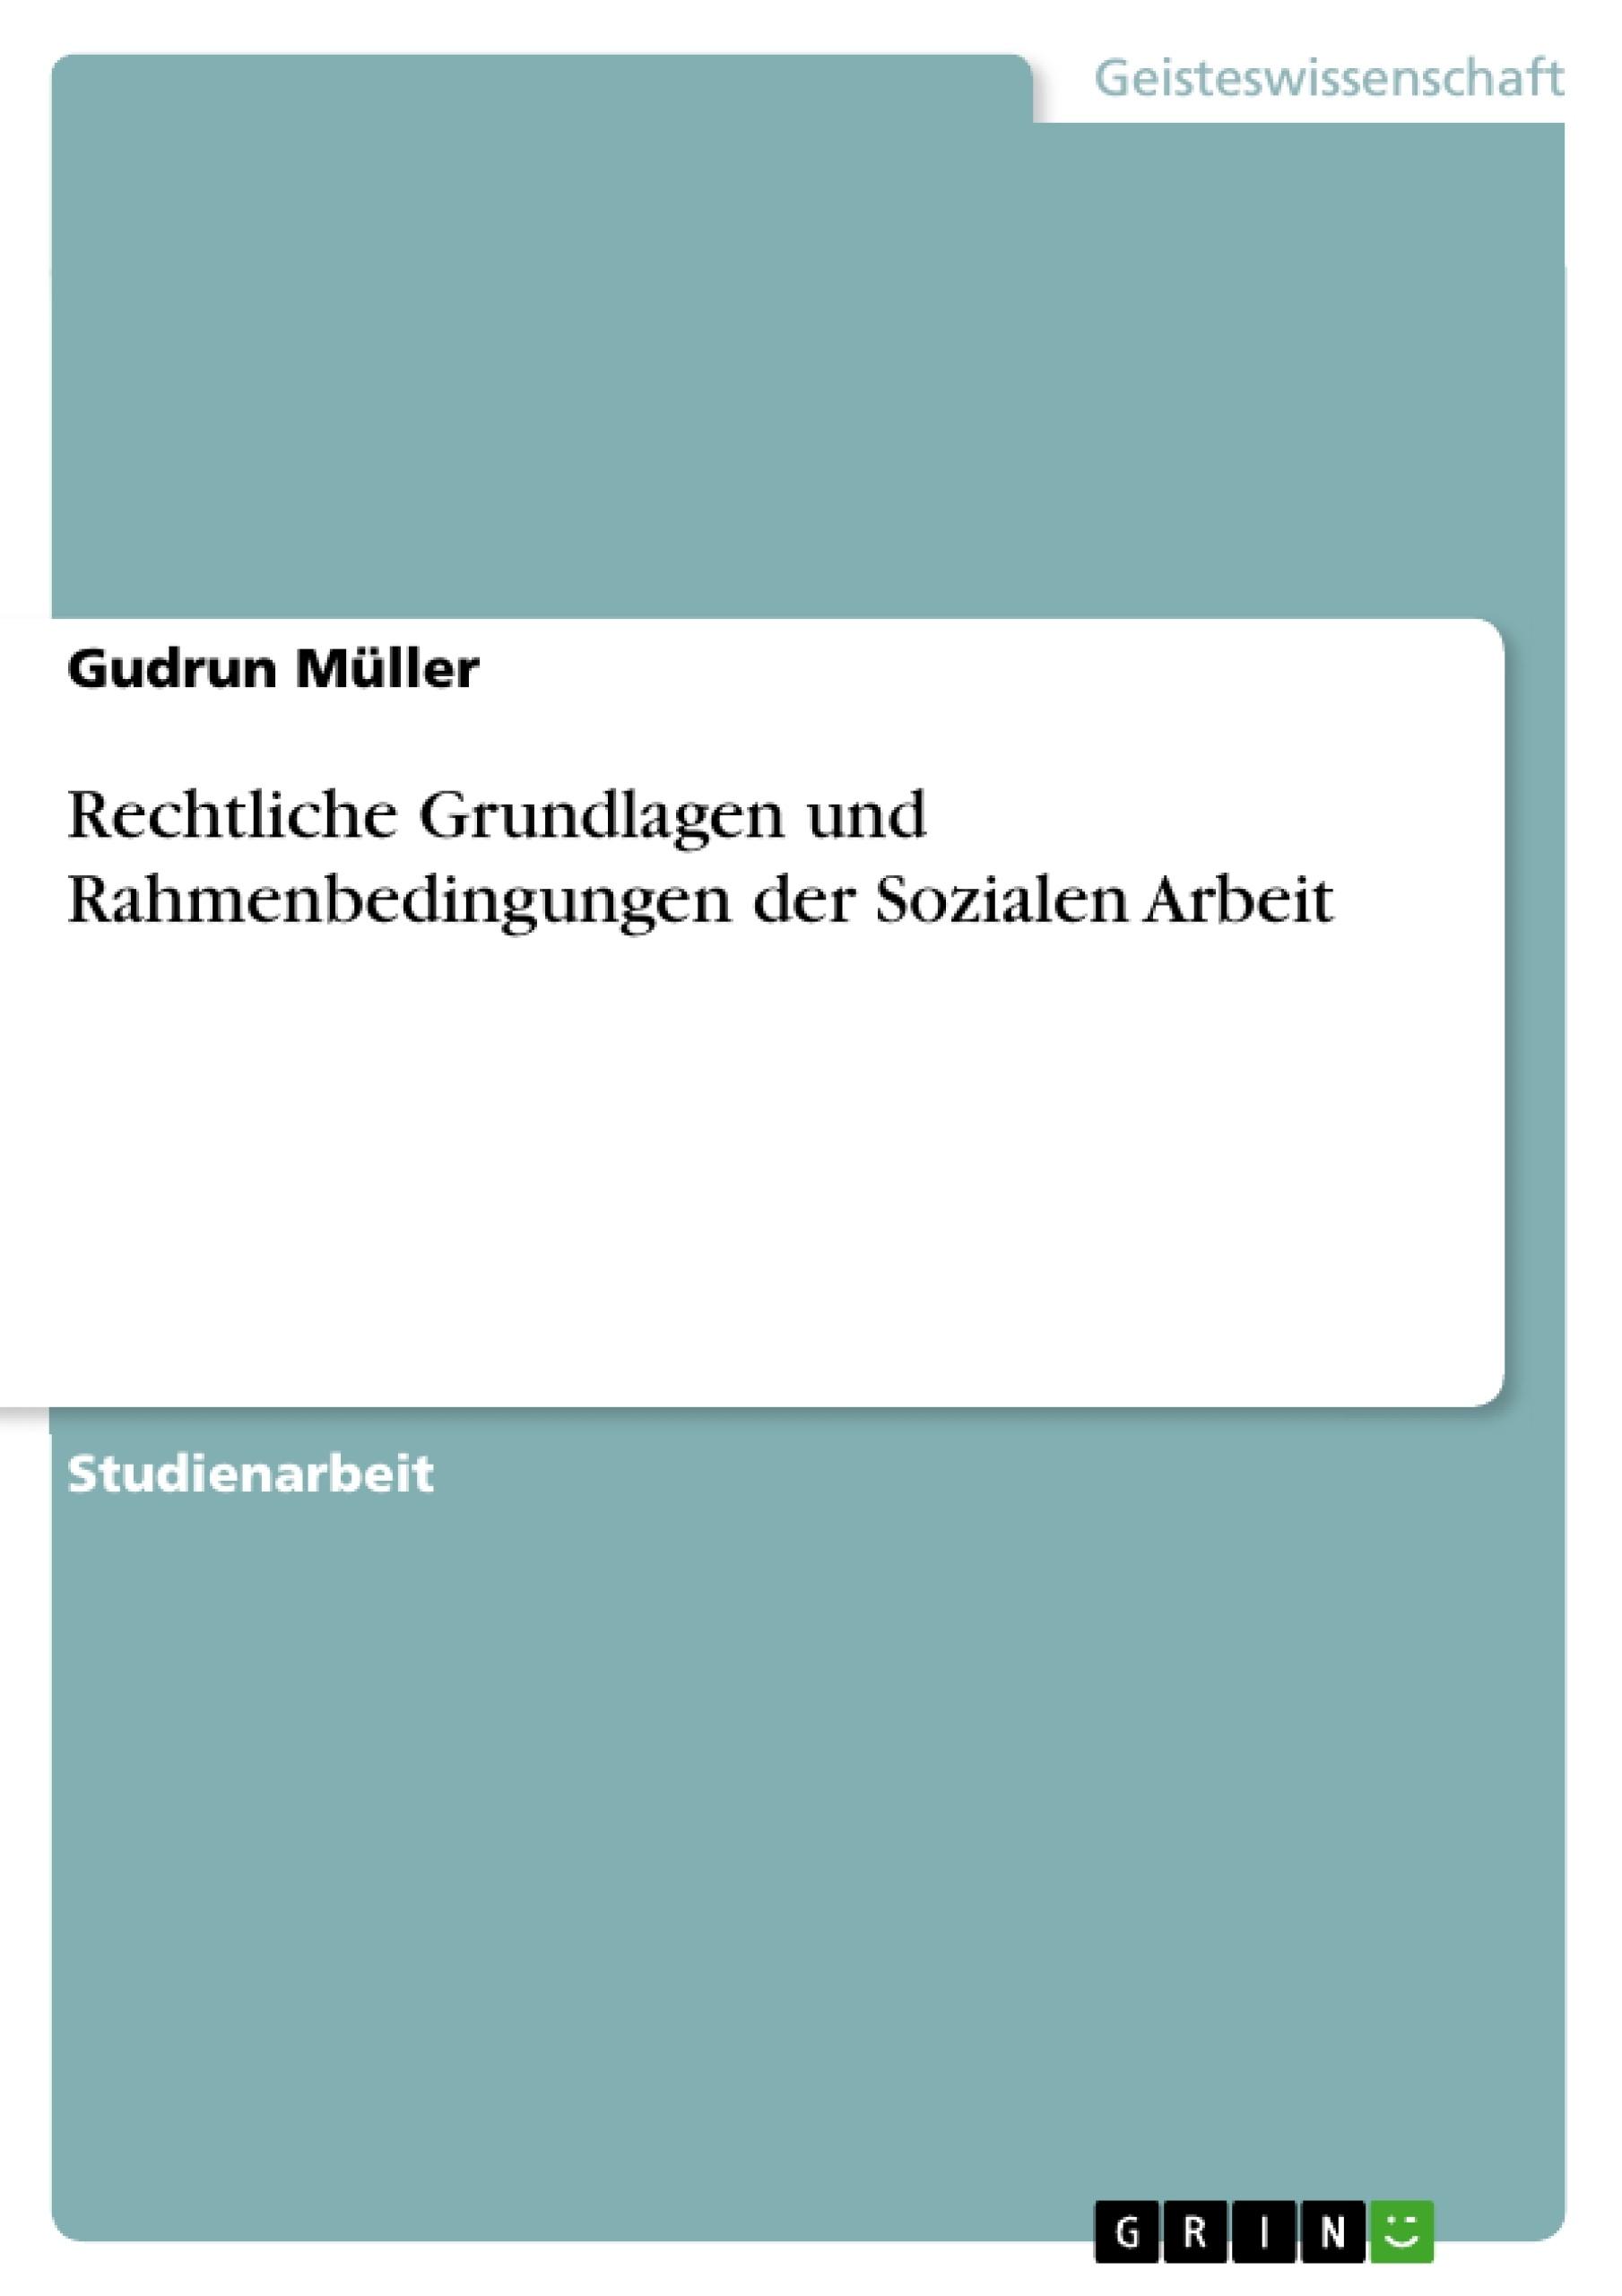 Titel: Rechtliche Grundlagen und Rahmenbedingungen der Sozialen Arbeit